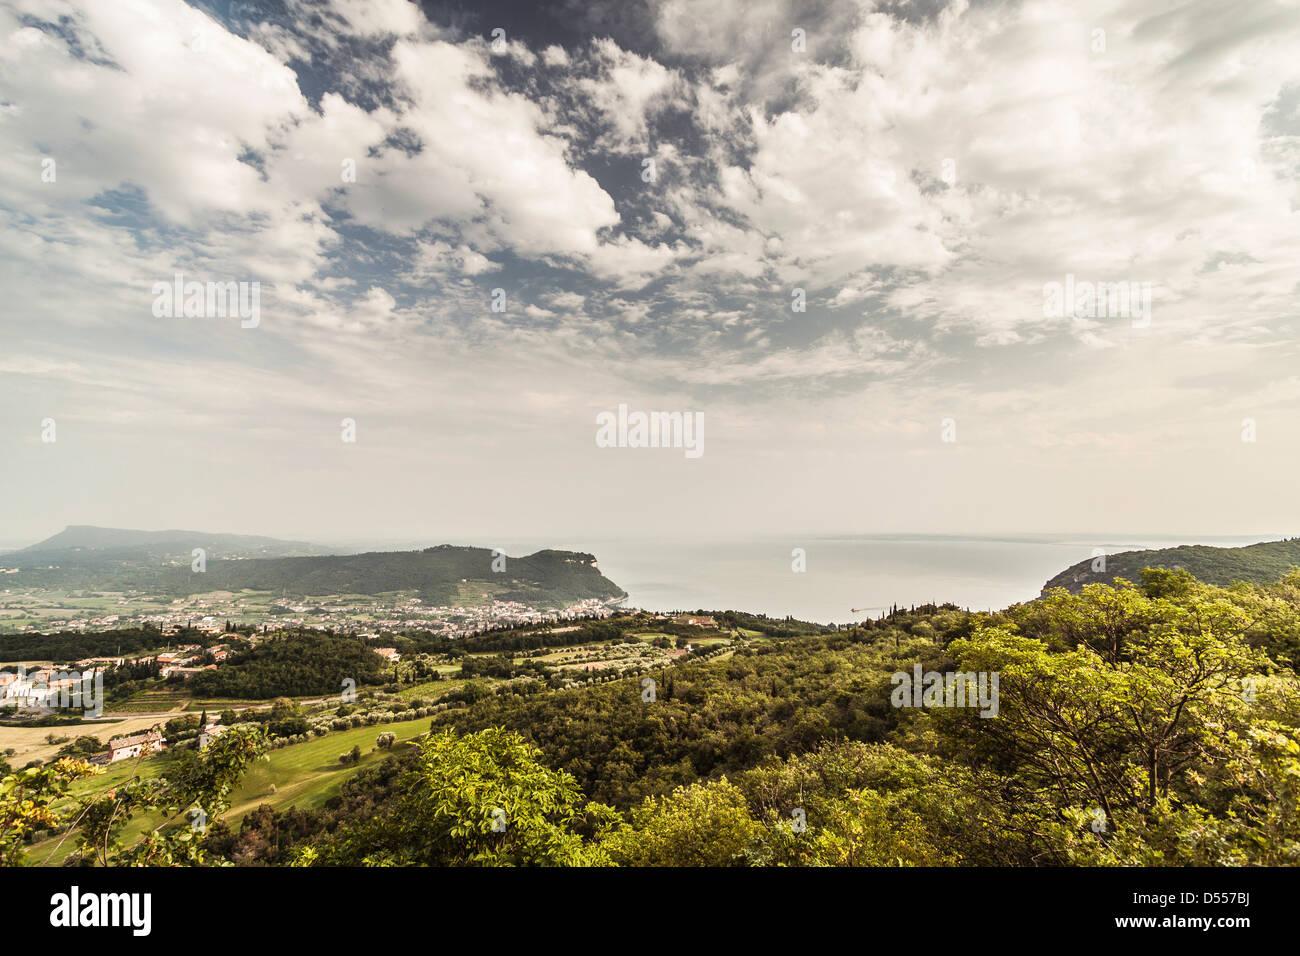 Nubi sul paesaggio rurale Immagini Stock